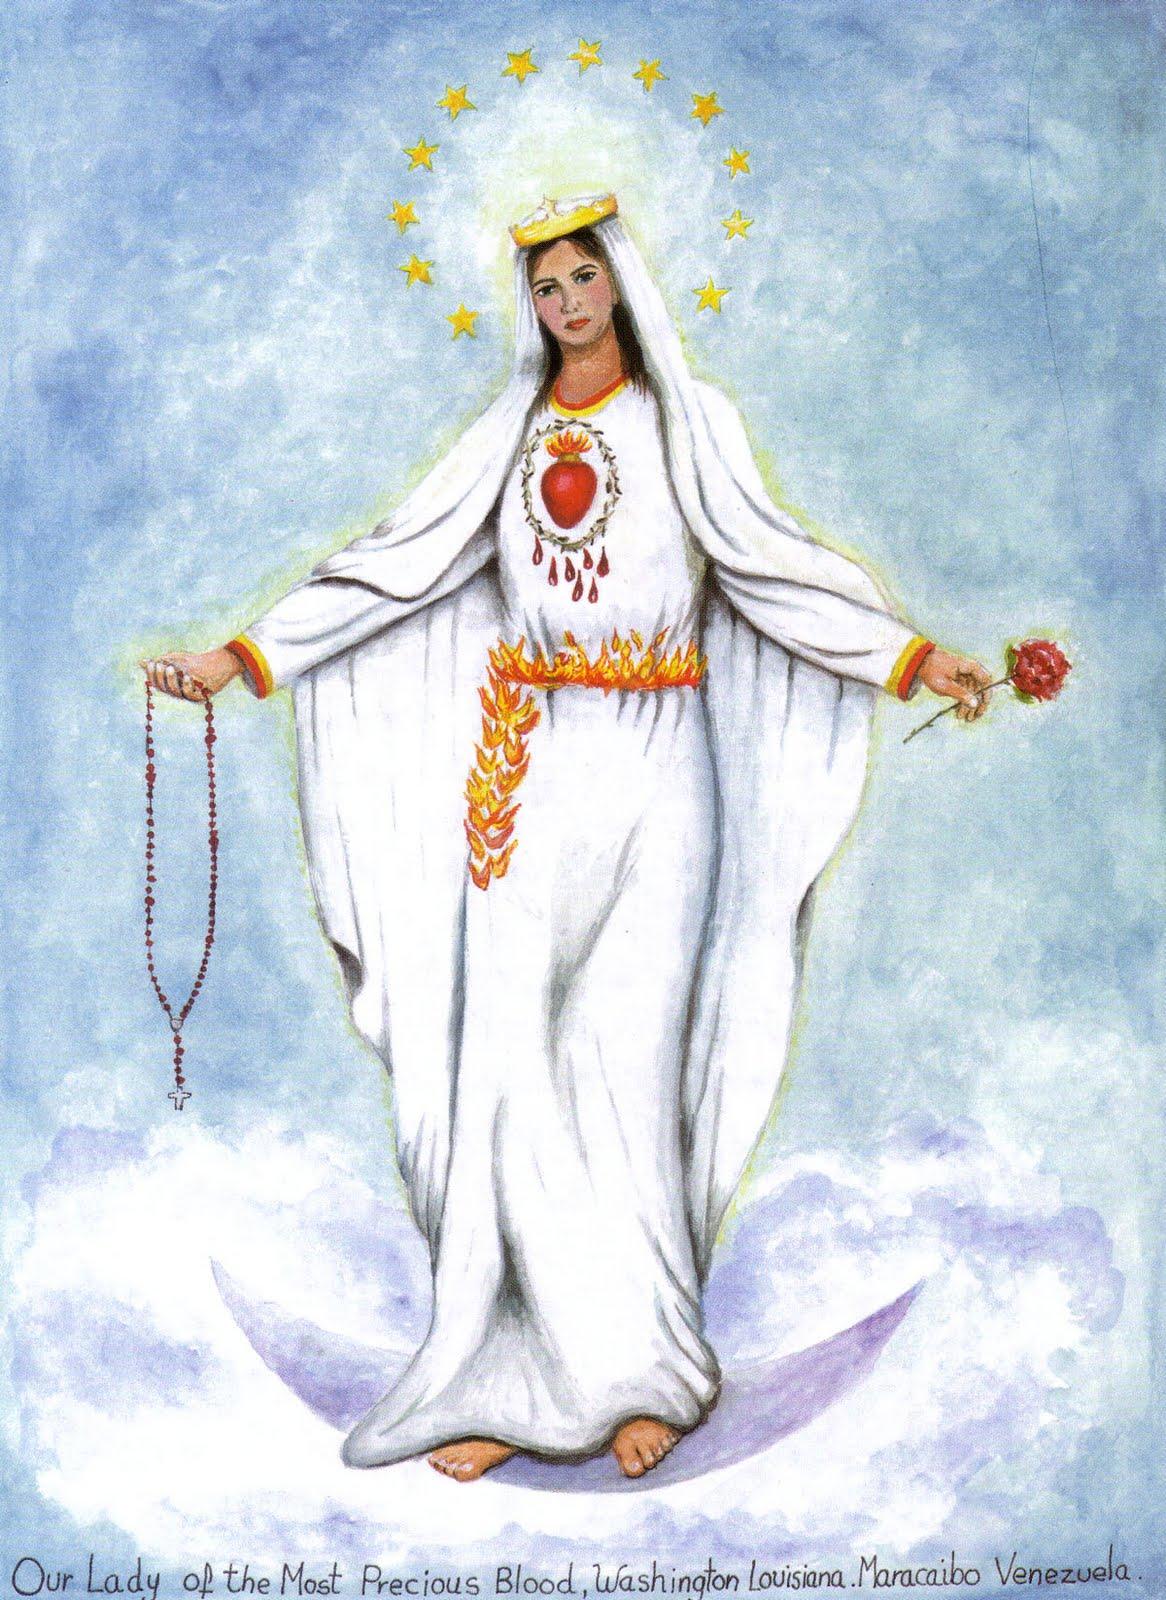 Nuestra Señora de la Preciosísima Sangre, Forma su Armada, Venezuela (28 ene)